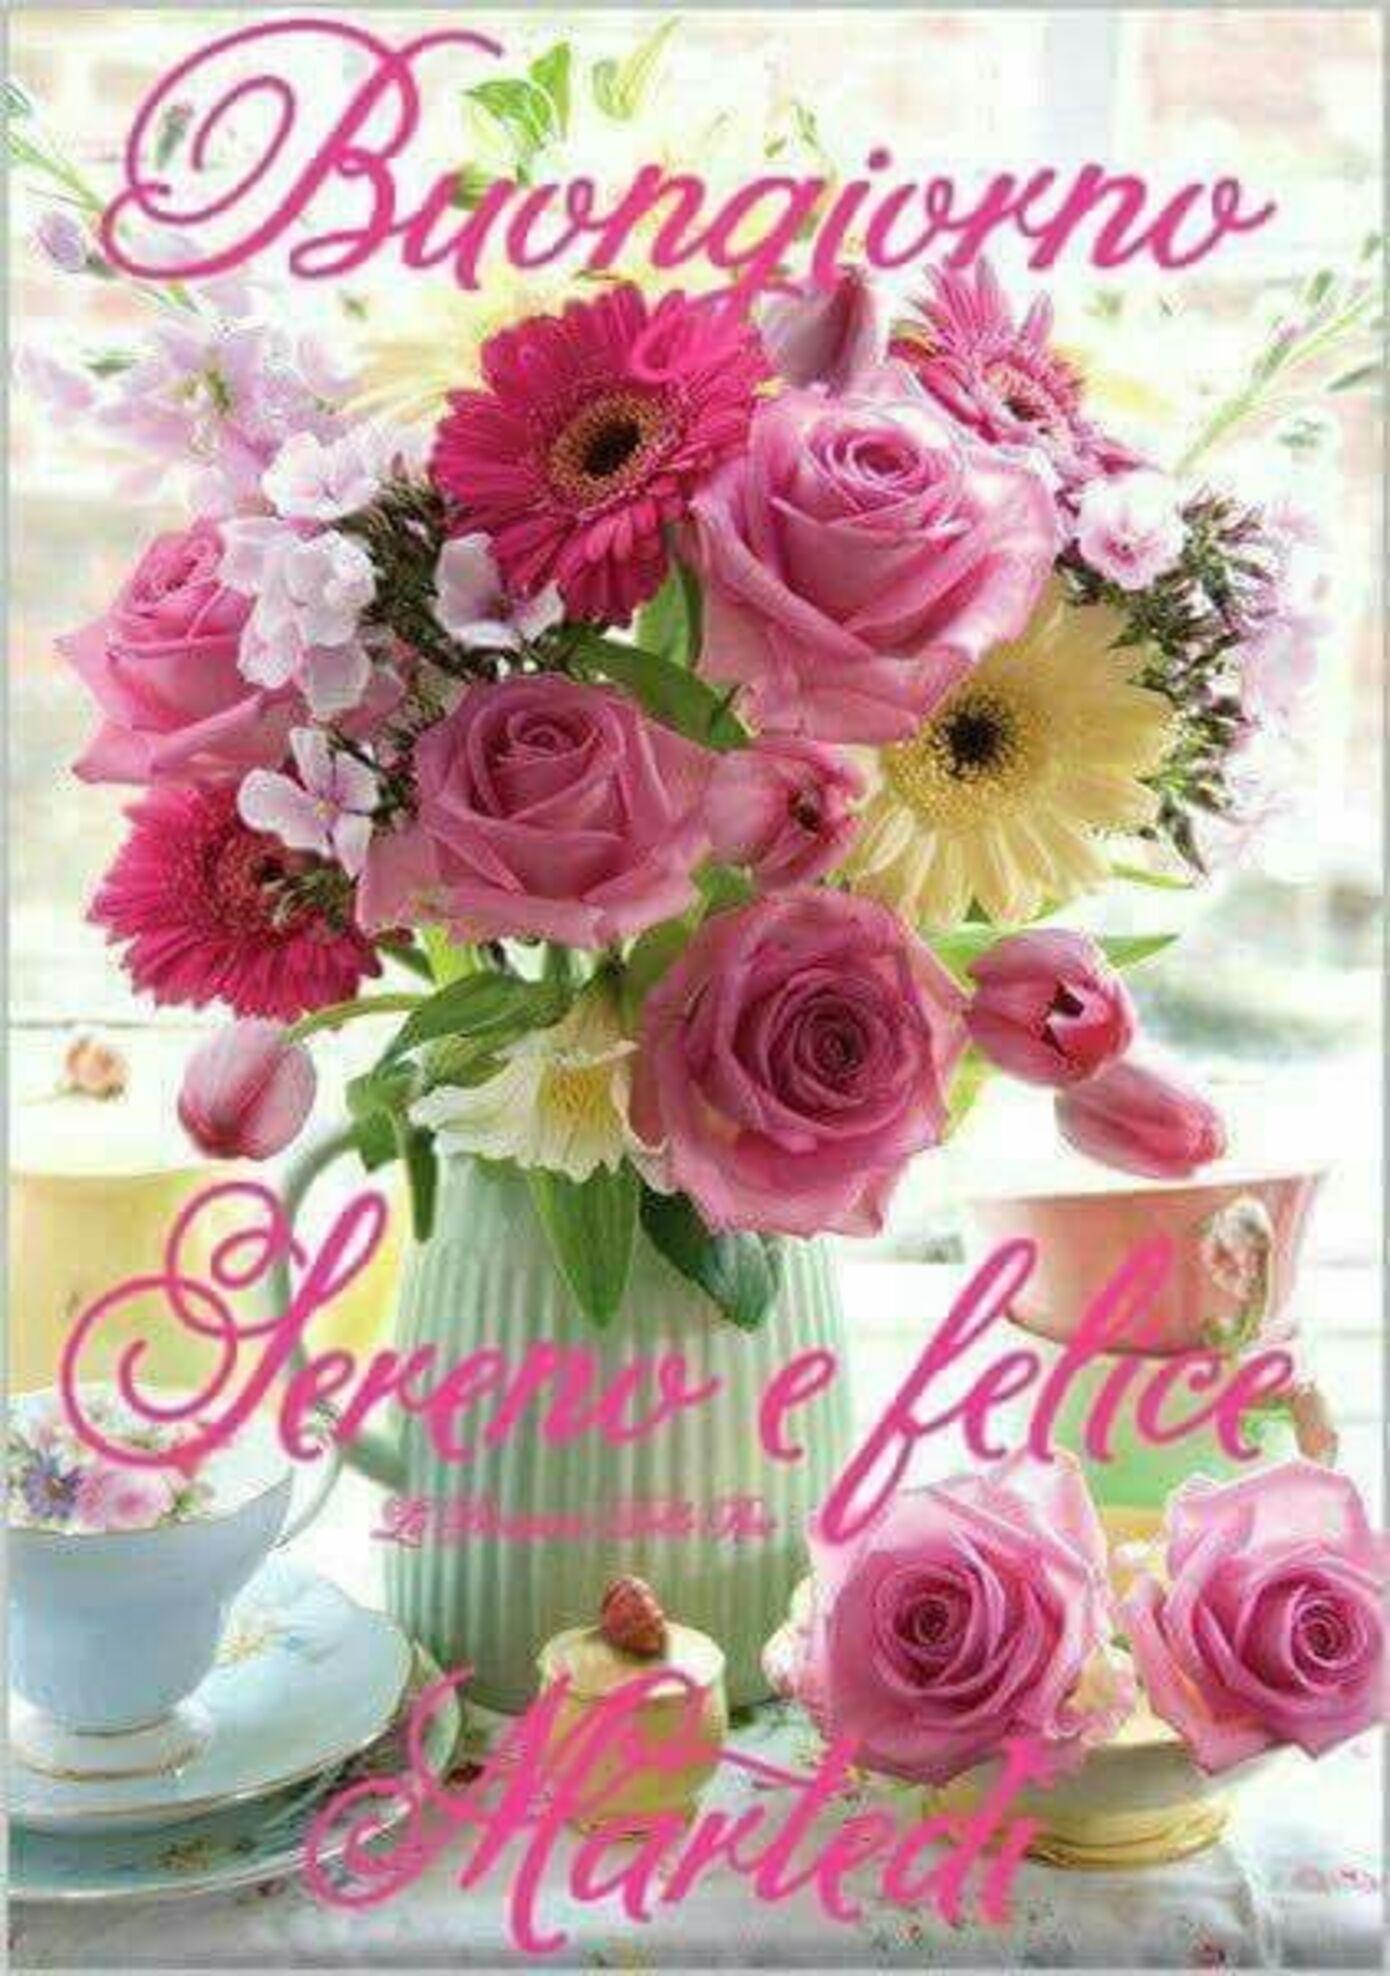 Buongiorno Sereno e Felice Martedì